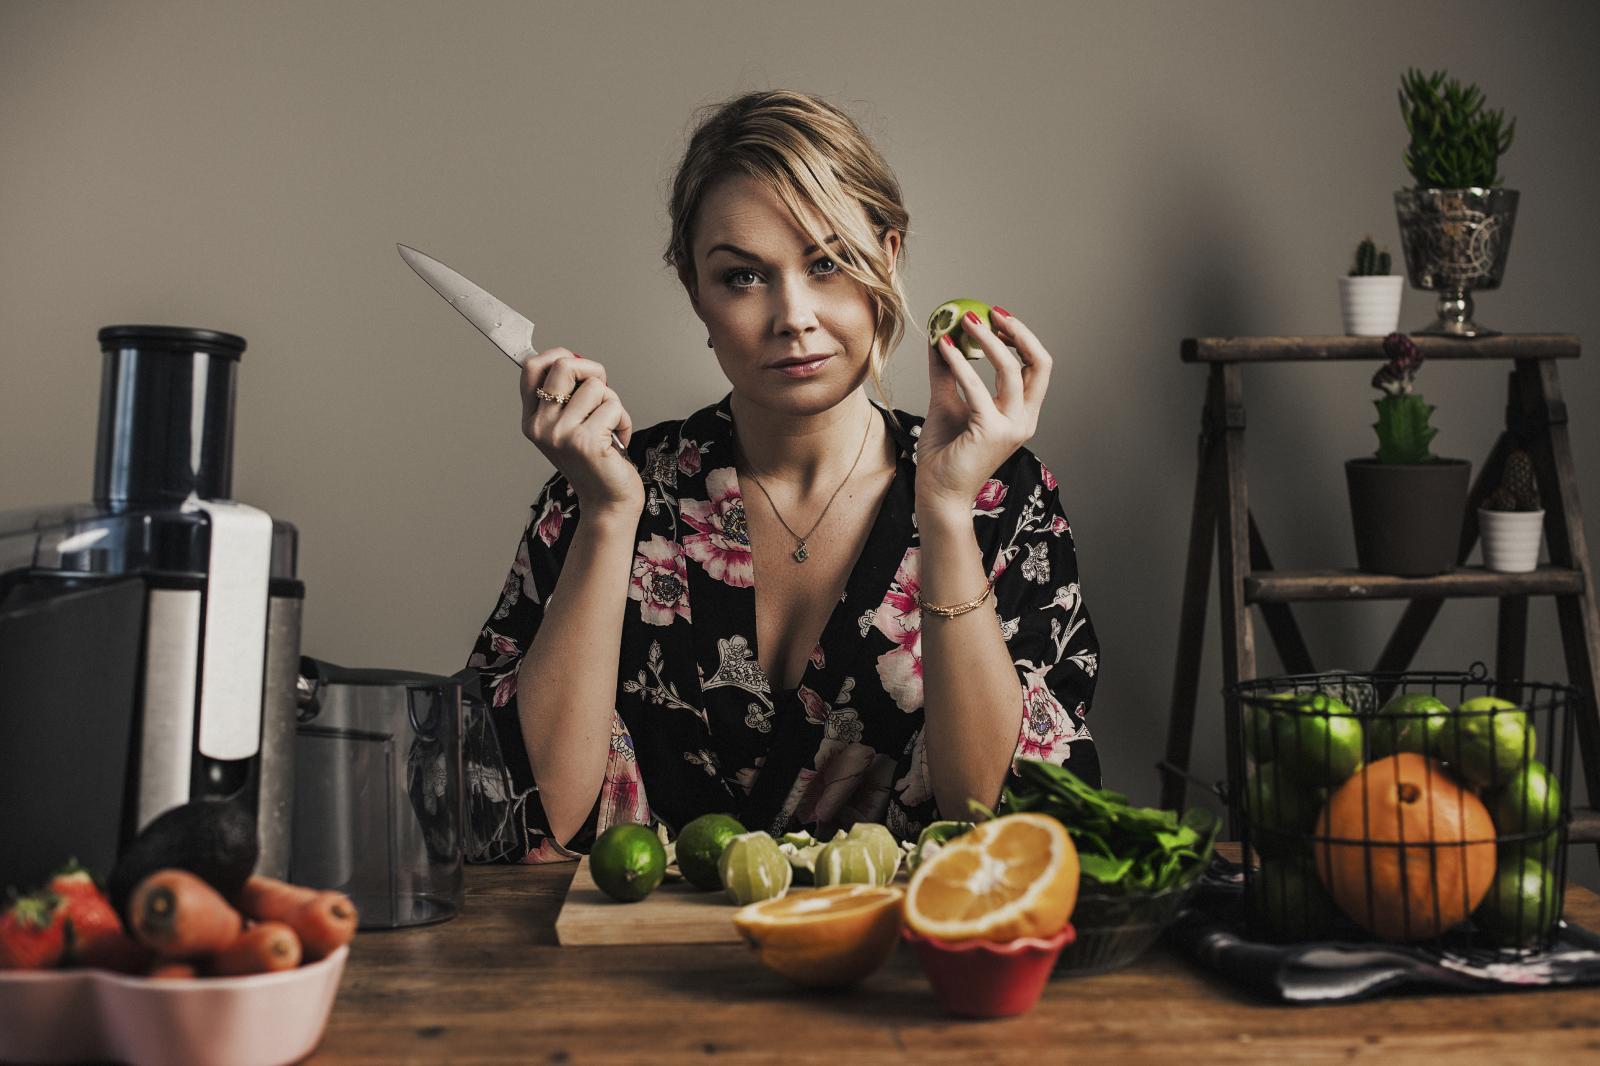 Ako ste ikada bili u dilemi da li jesti sirovo ili ne, sada će vam biti jasnije jeste li dobro odlučili.